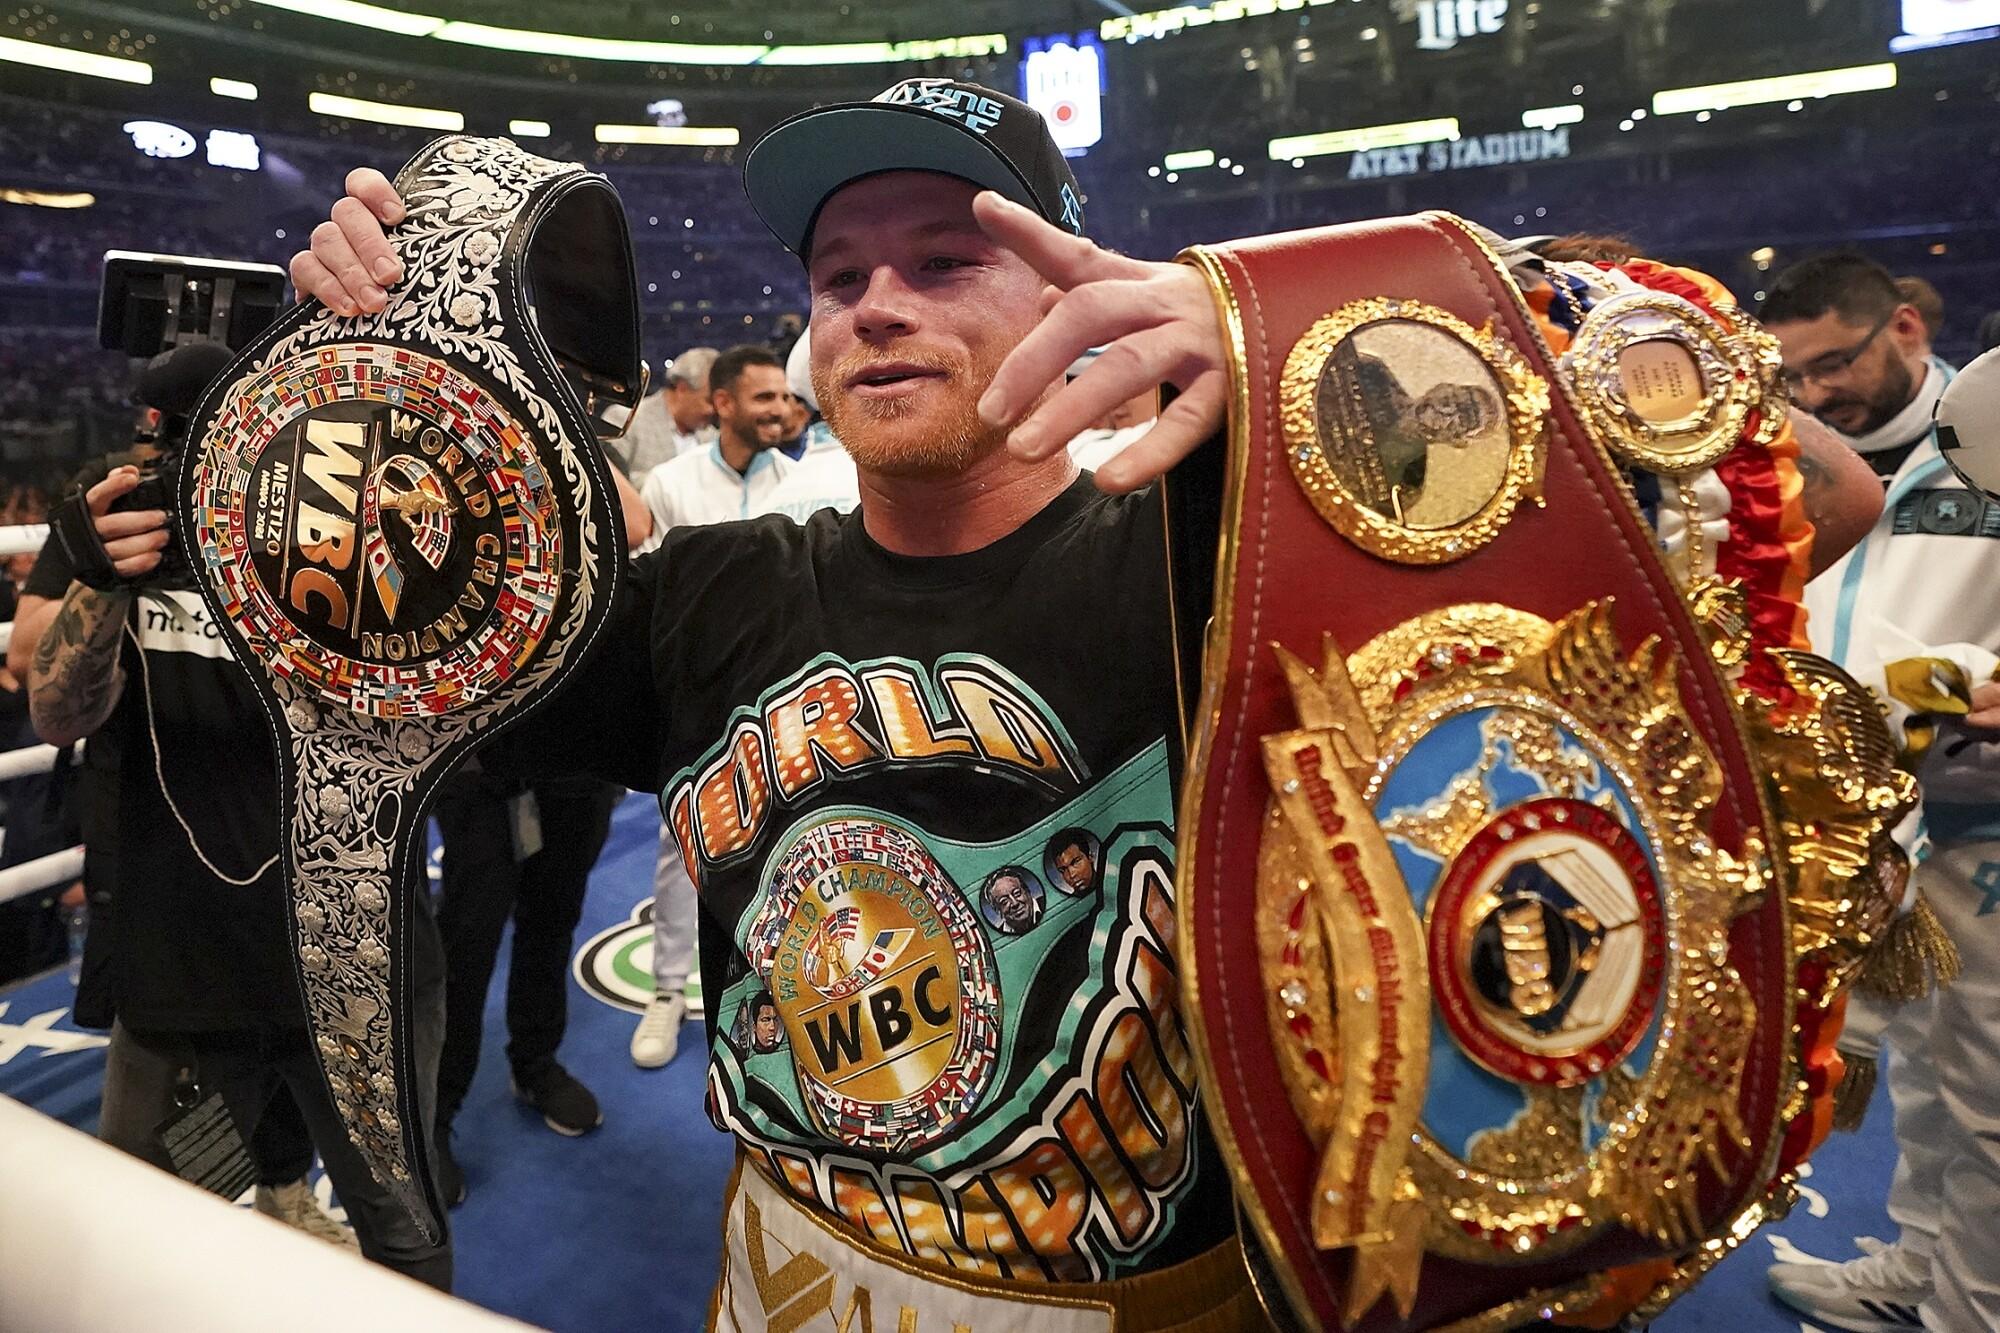 Canelo Álvarez celebrates with title belts after defeating Billy Joe Saunders.